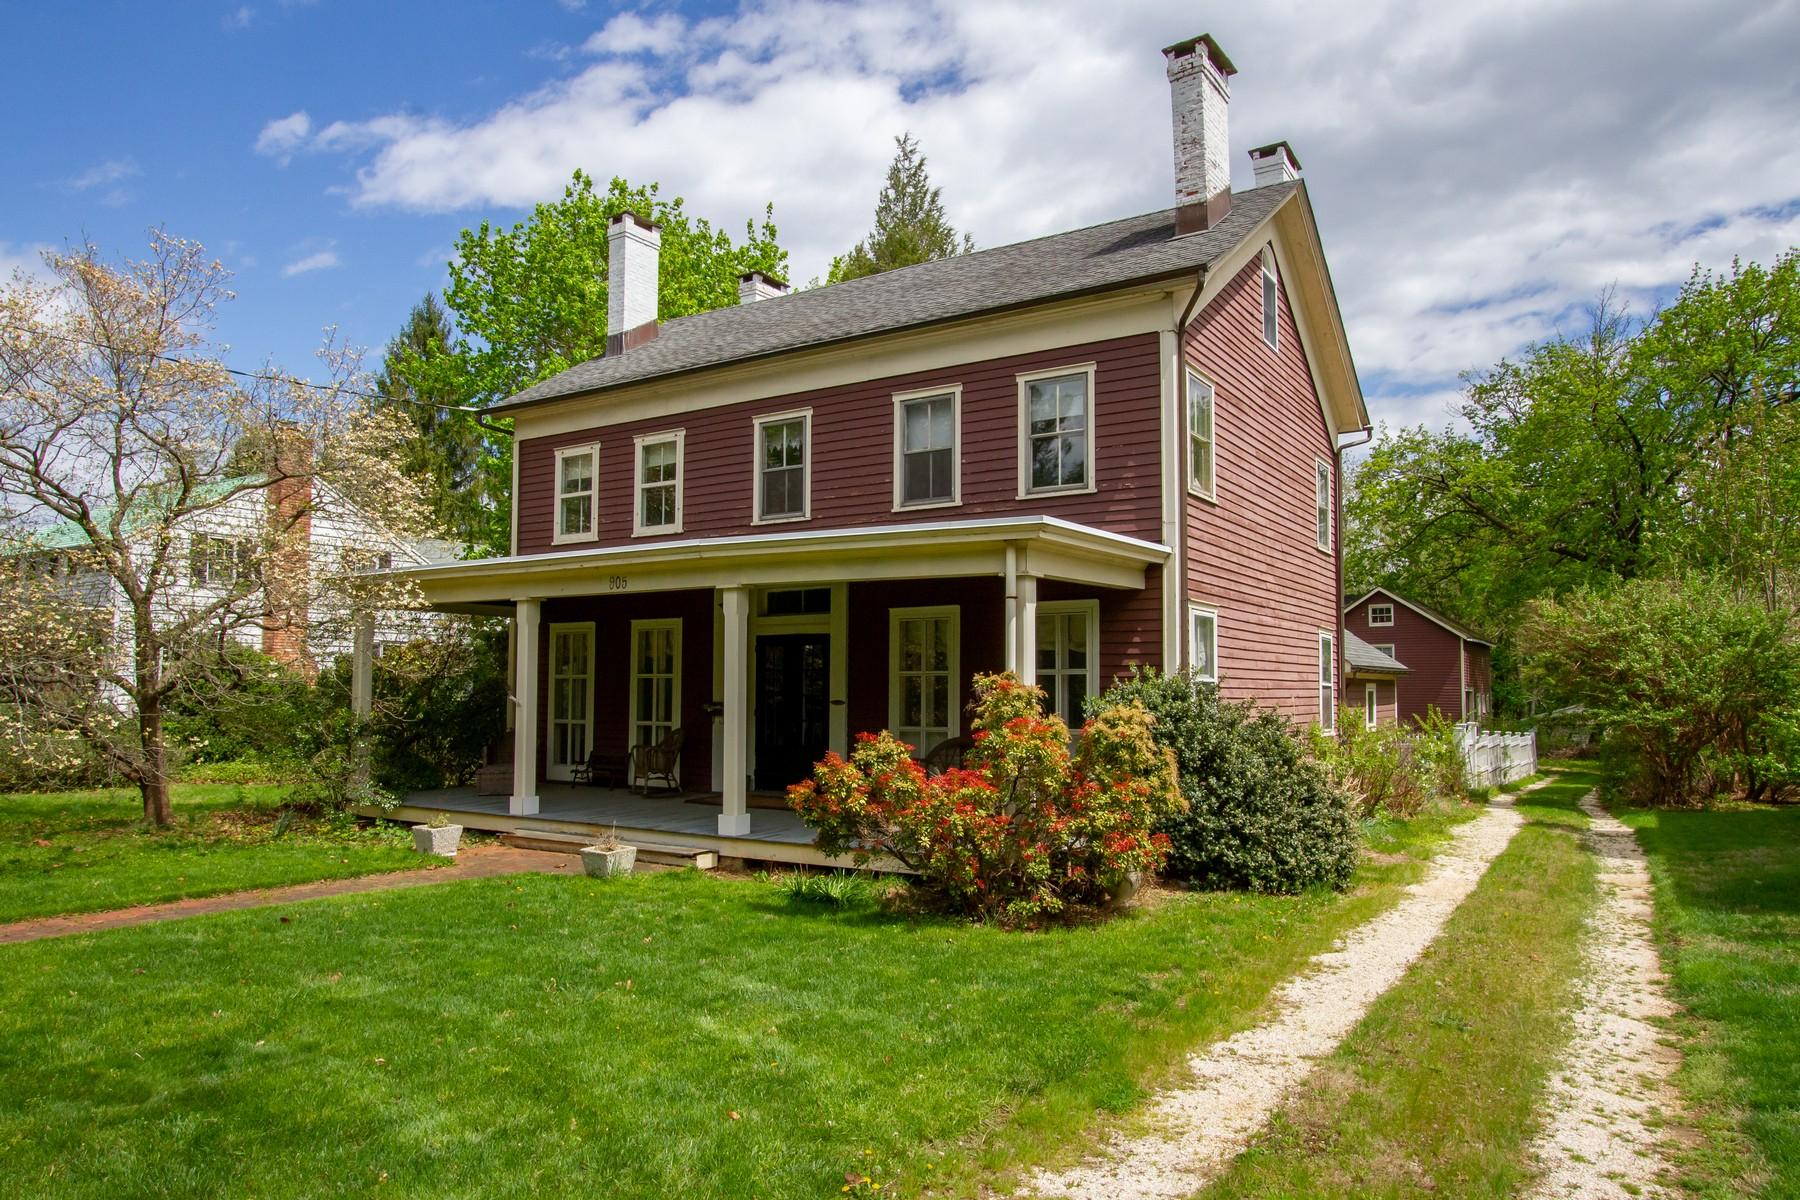 Single Family Homes por un Venta en Charming Home in Shrewsbury Historic District 905 Broad St Shrewsbury, Nueva Jersey 07702 Estados Unidos